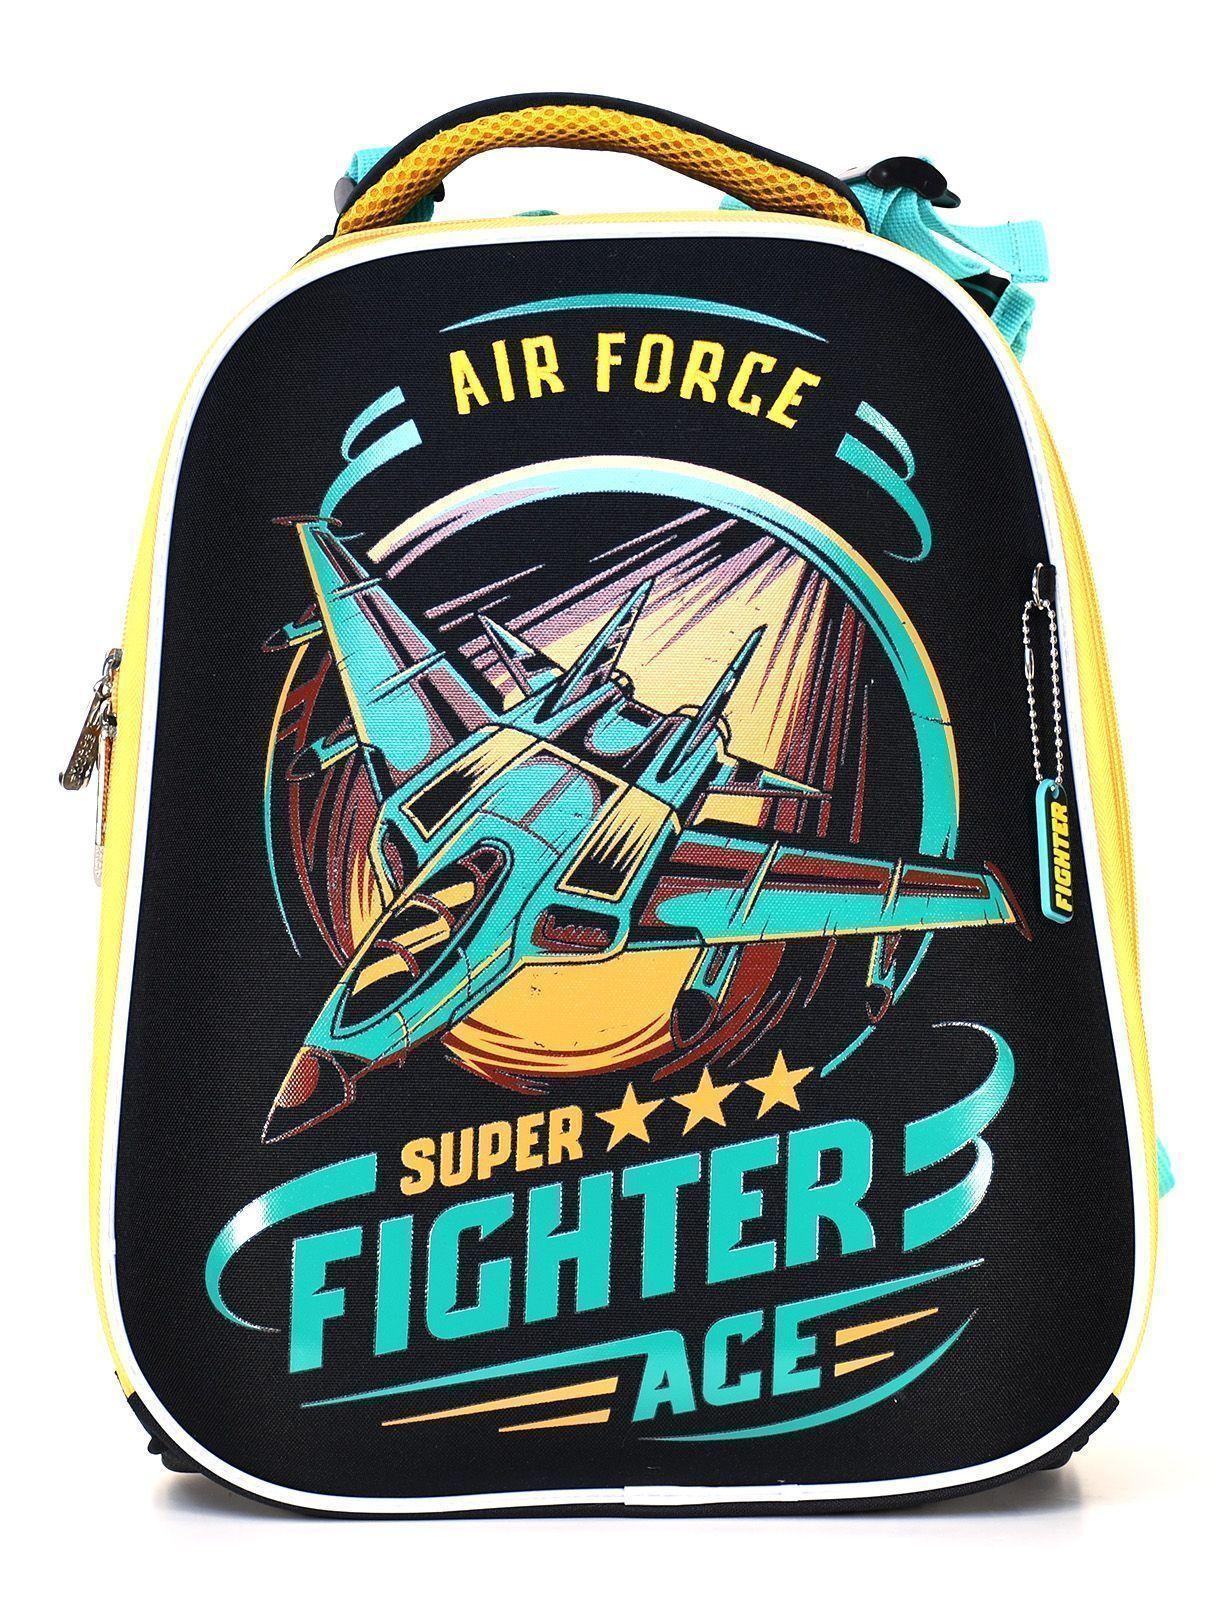 Рюкзак Schoolformat Sky force, модель ERGONOMIC 2, жесткий каркас, двухсекционный, 38х29х18 см, 17 л, для мальчиков